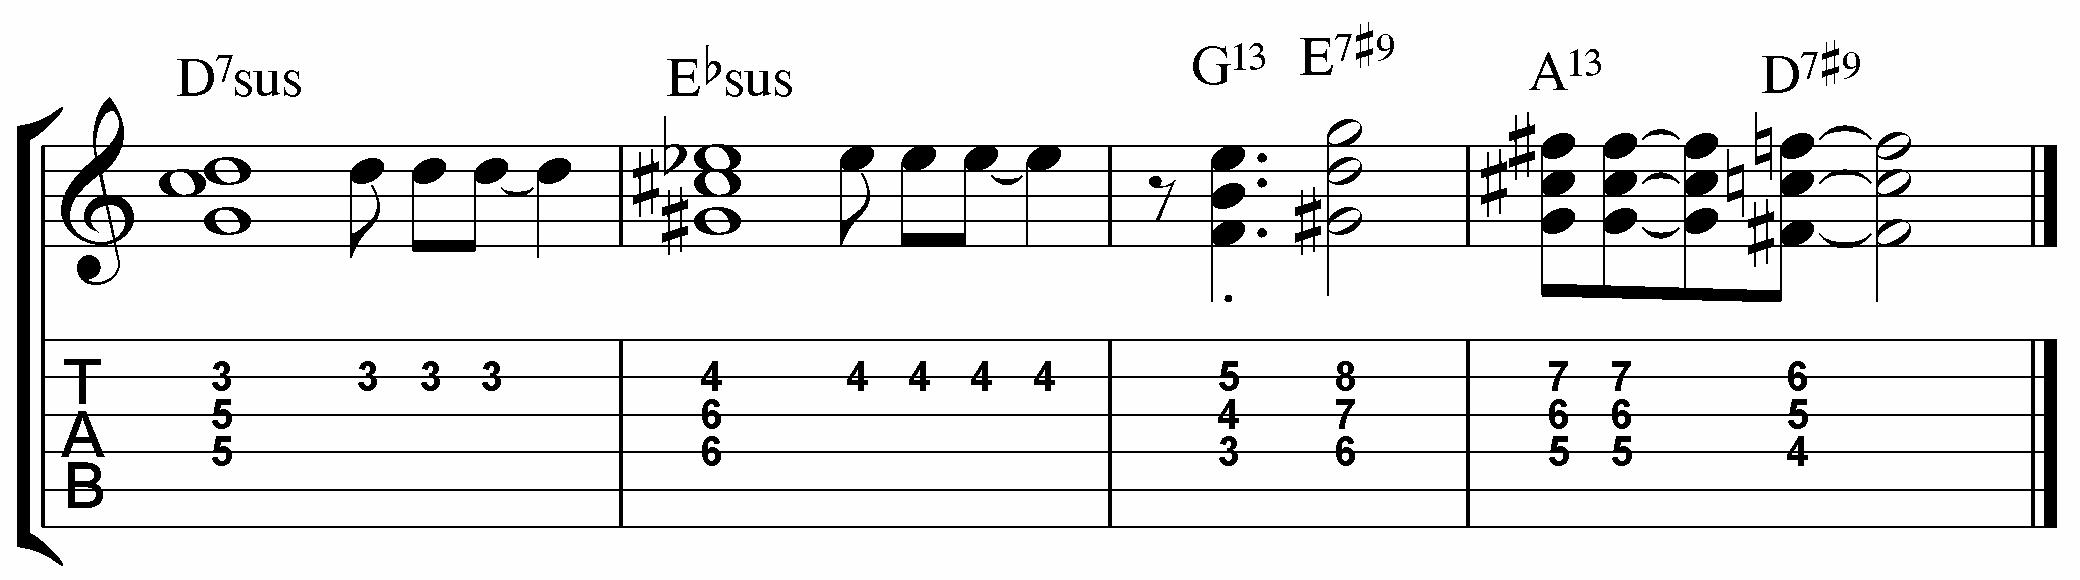 Suspended Chord Etude For Jazz Guitar Jamie Holroyd Guitar Jamie